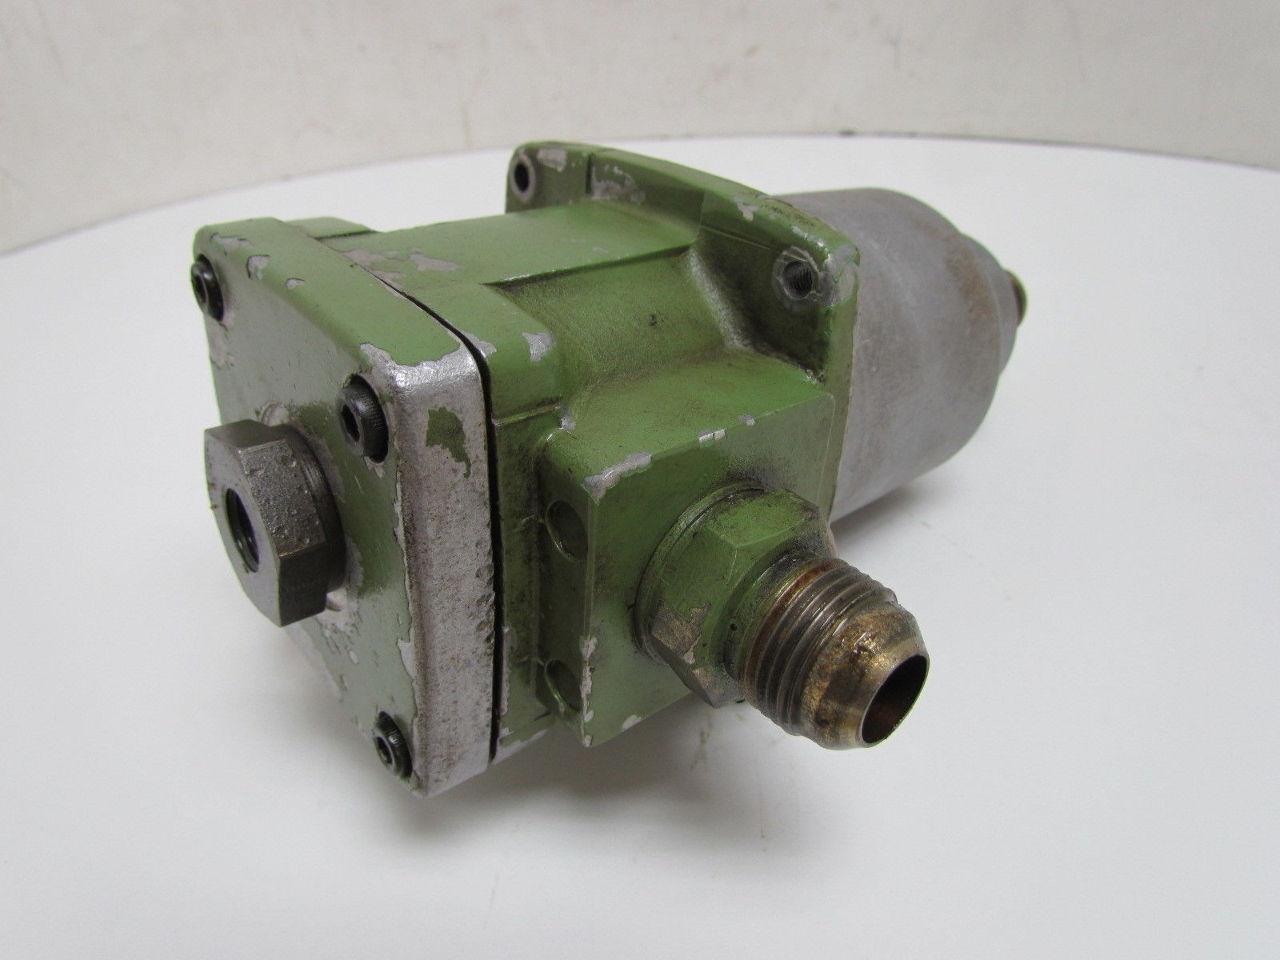 Hydac Rfp 60 G 10 A 3 1 16 85 Low Pressure Hydraulic